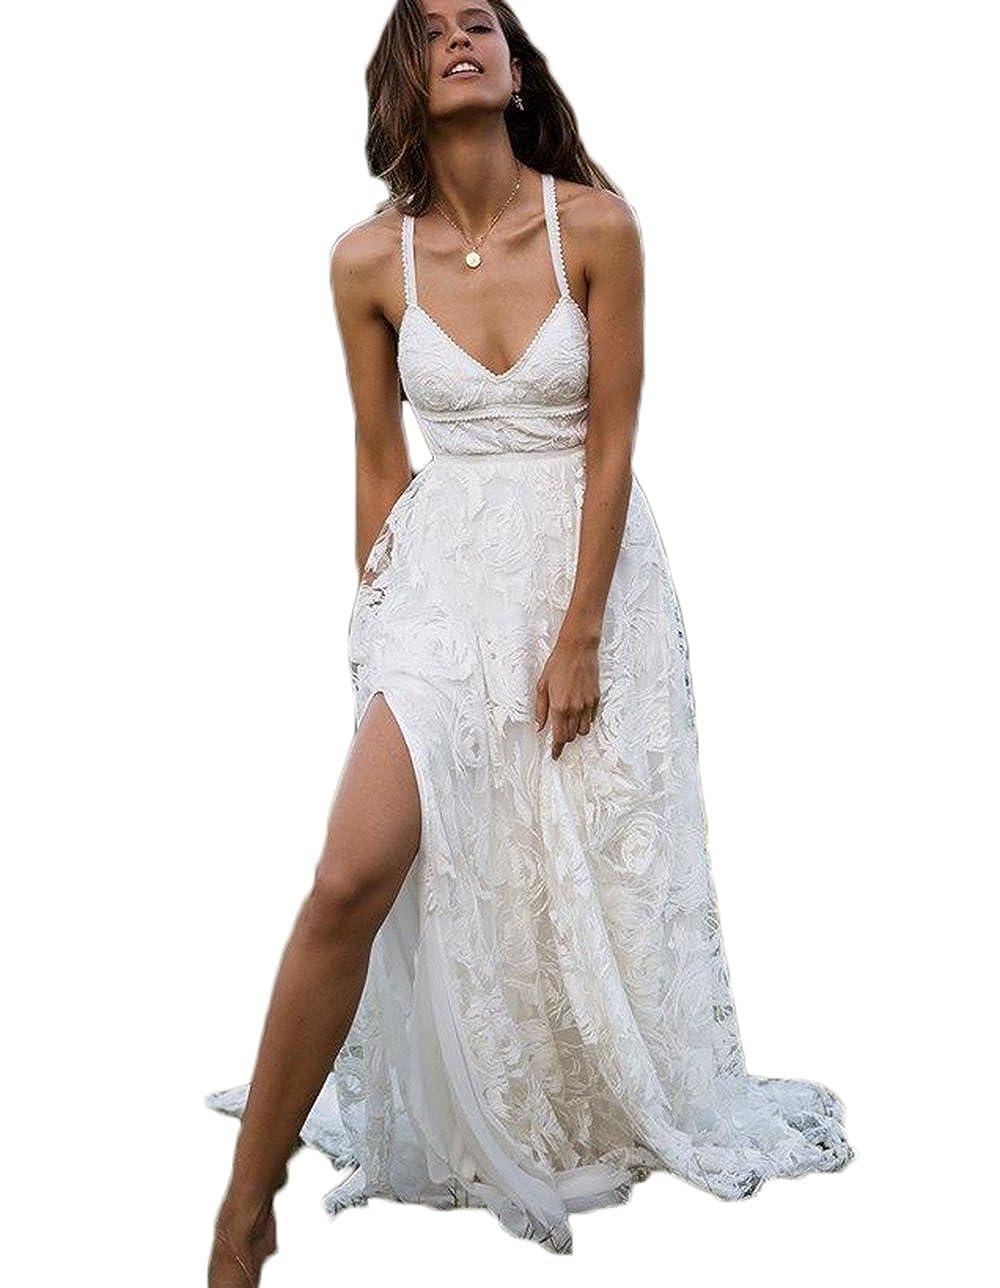 Alilithz Sexy Split Lace Wedding Dresses Bride Beach Bridal Wedding